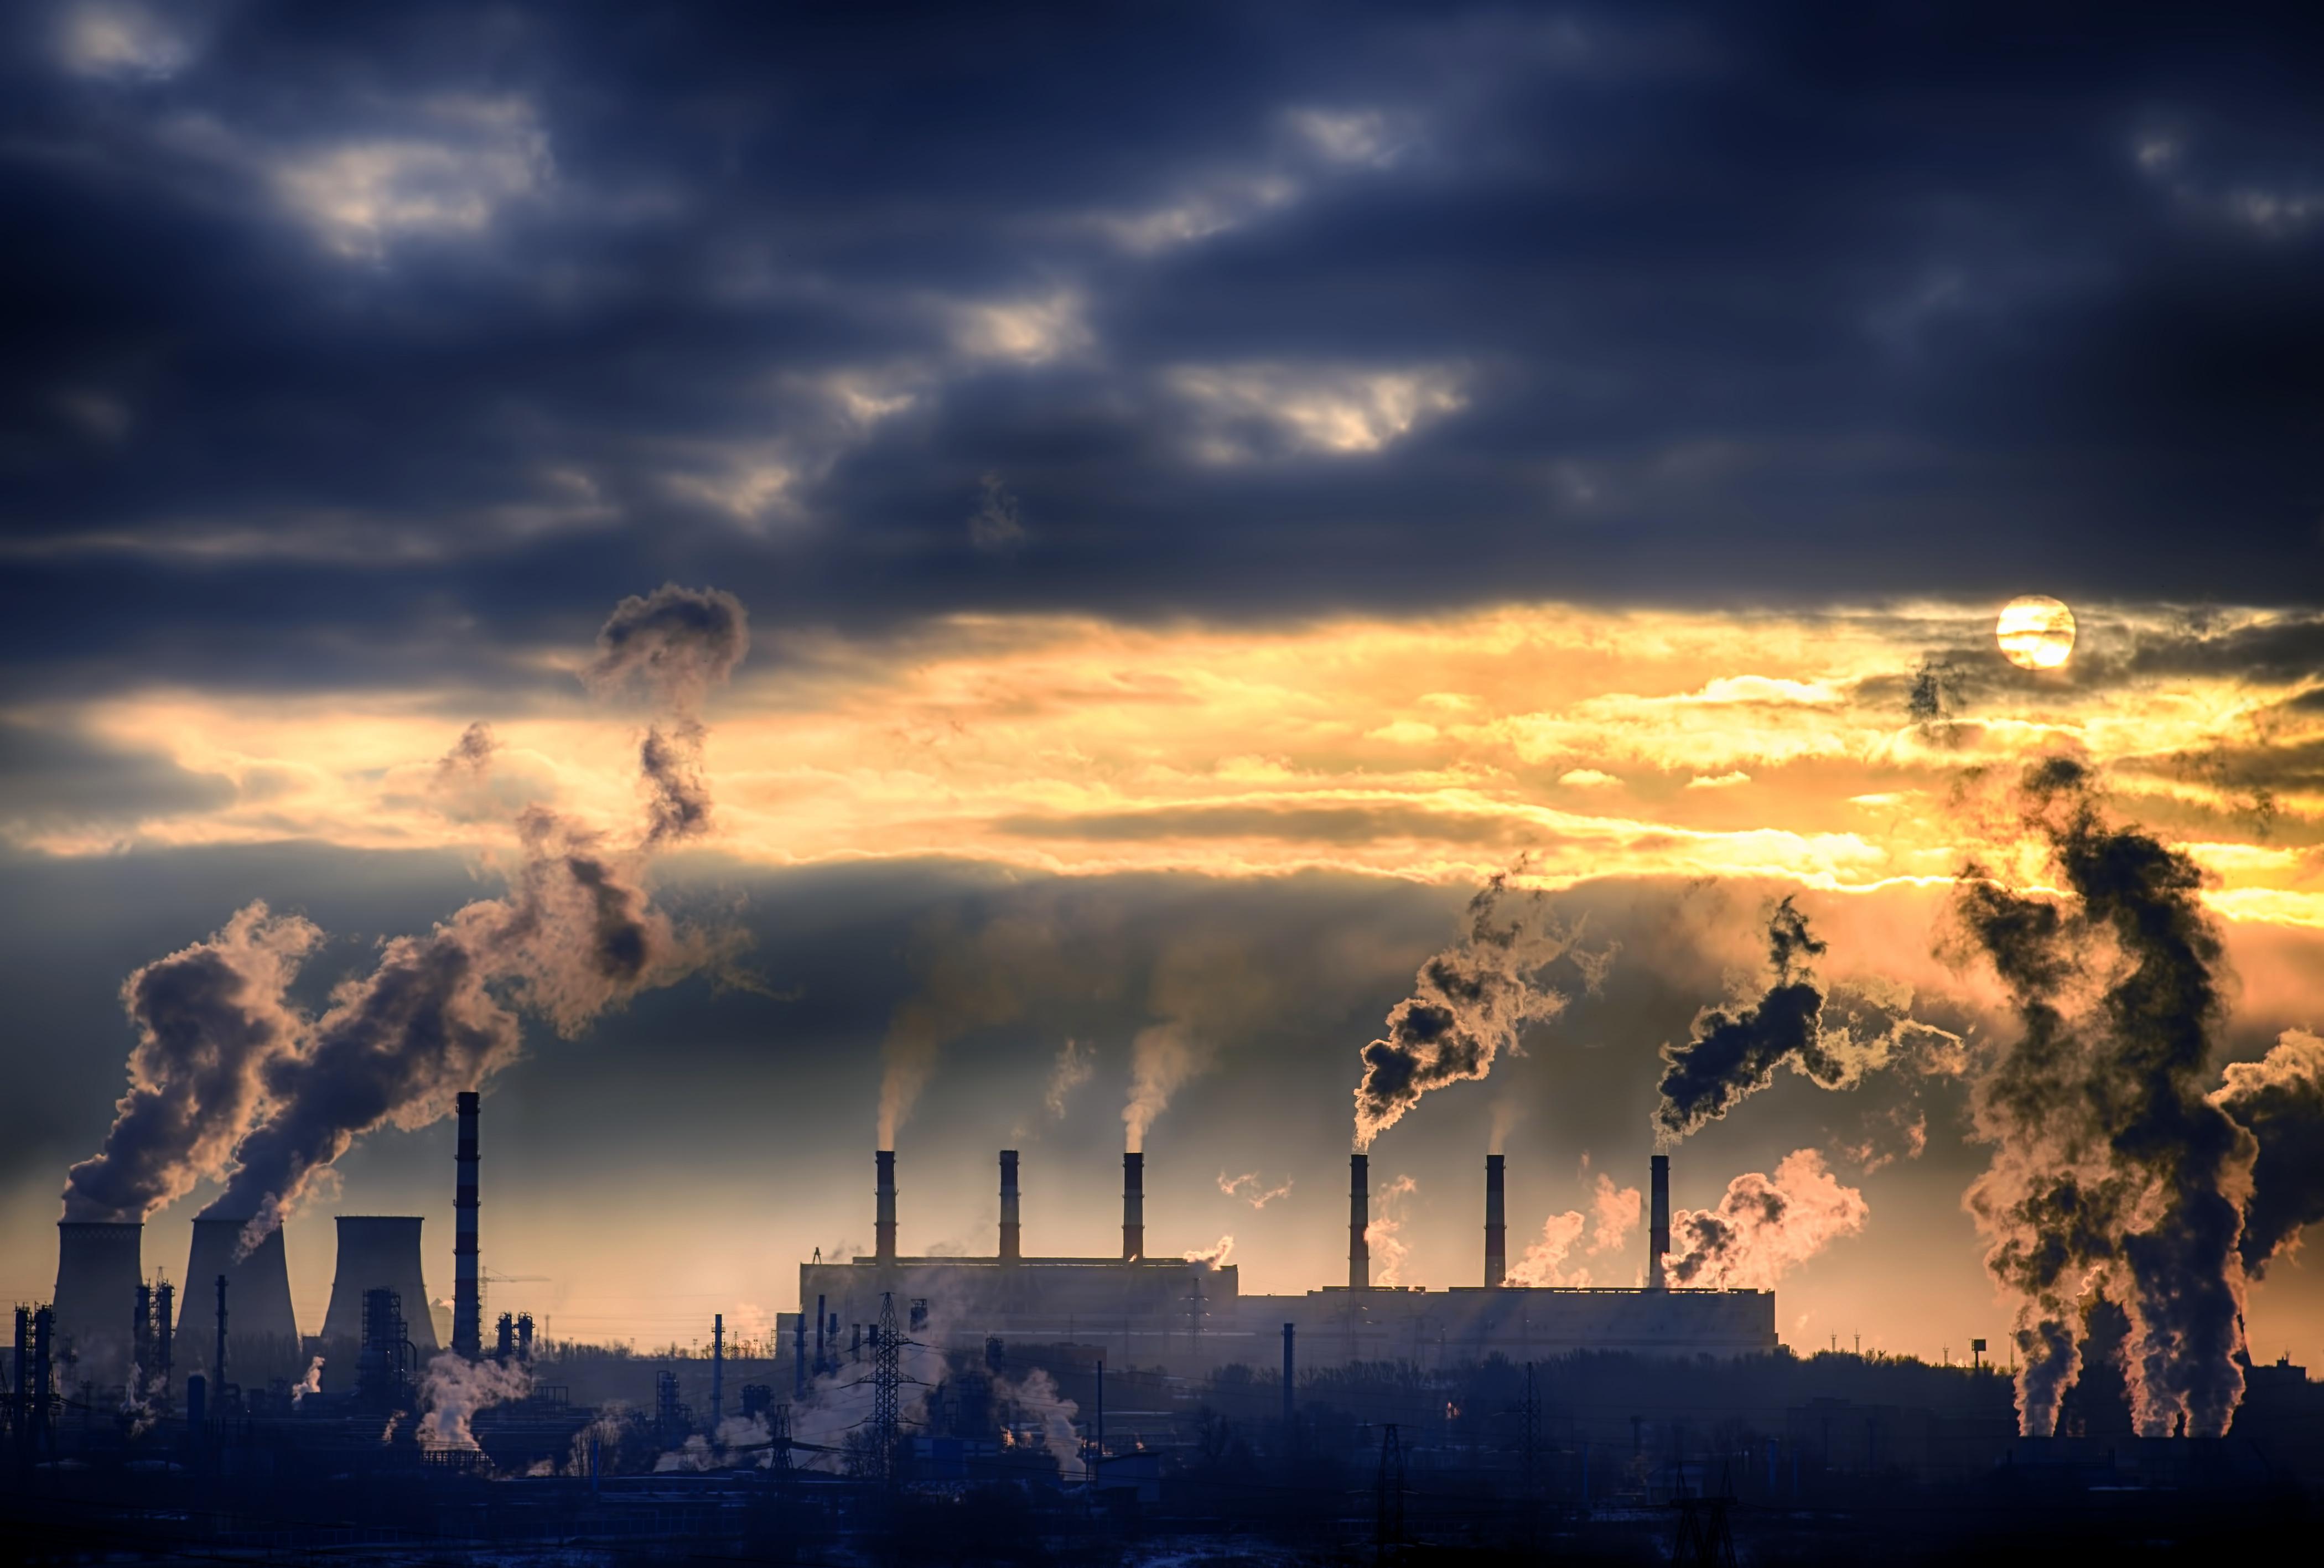 اثار الاحتباس الحراري في عملية البناء الضوئي المرسال